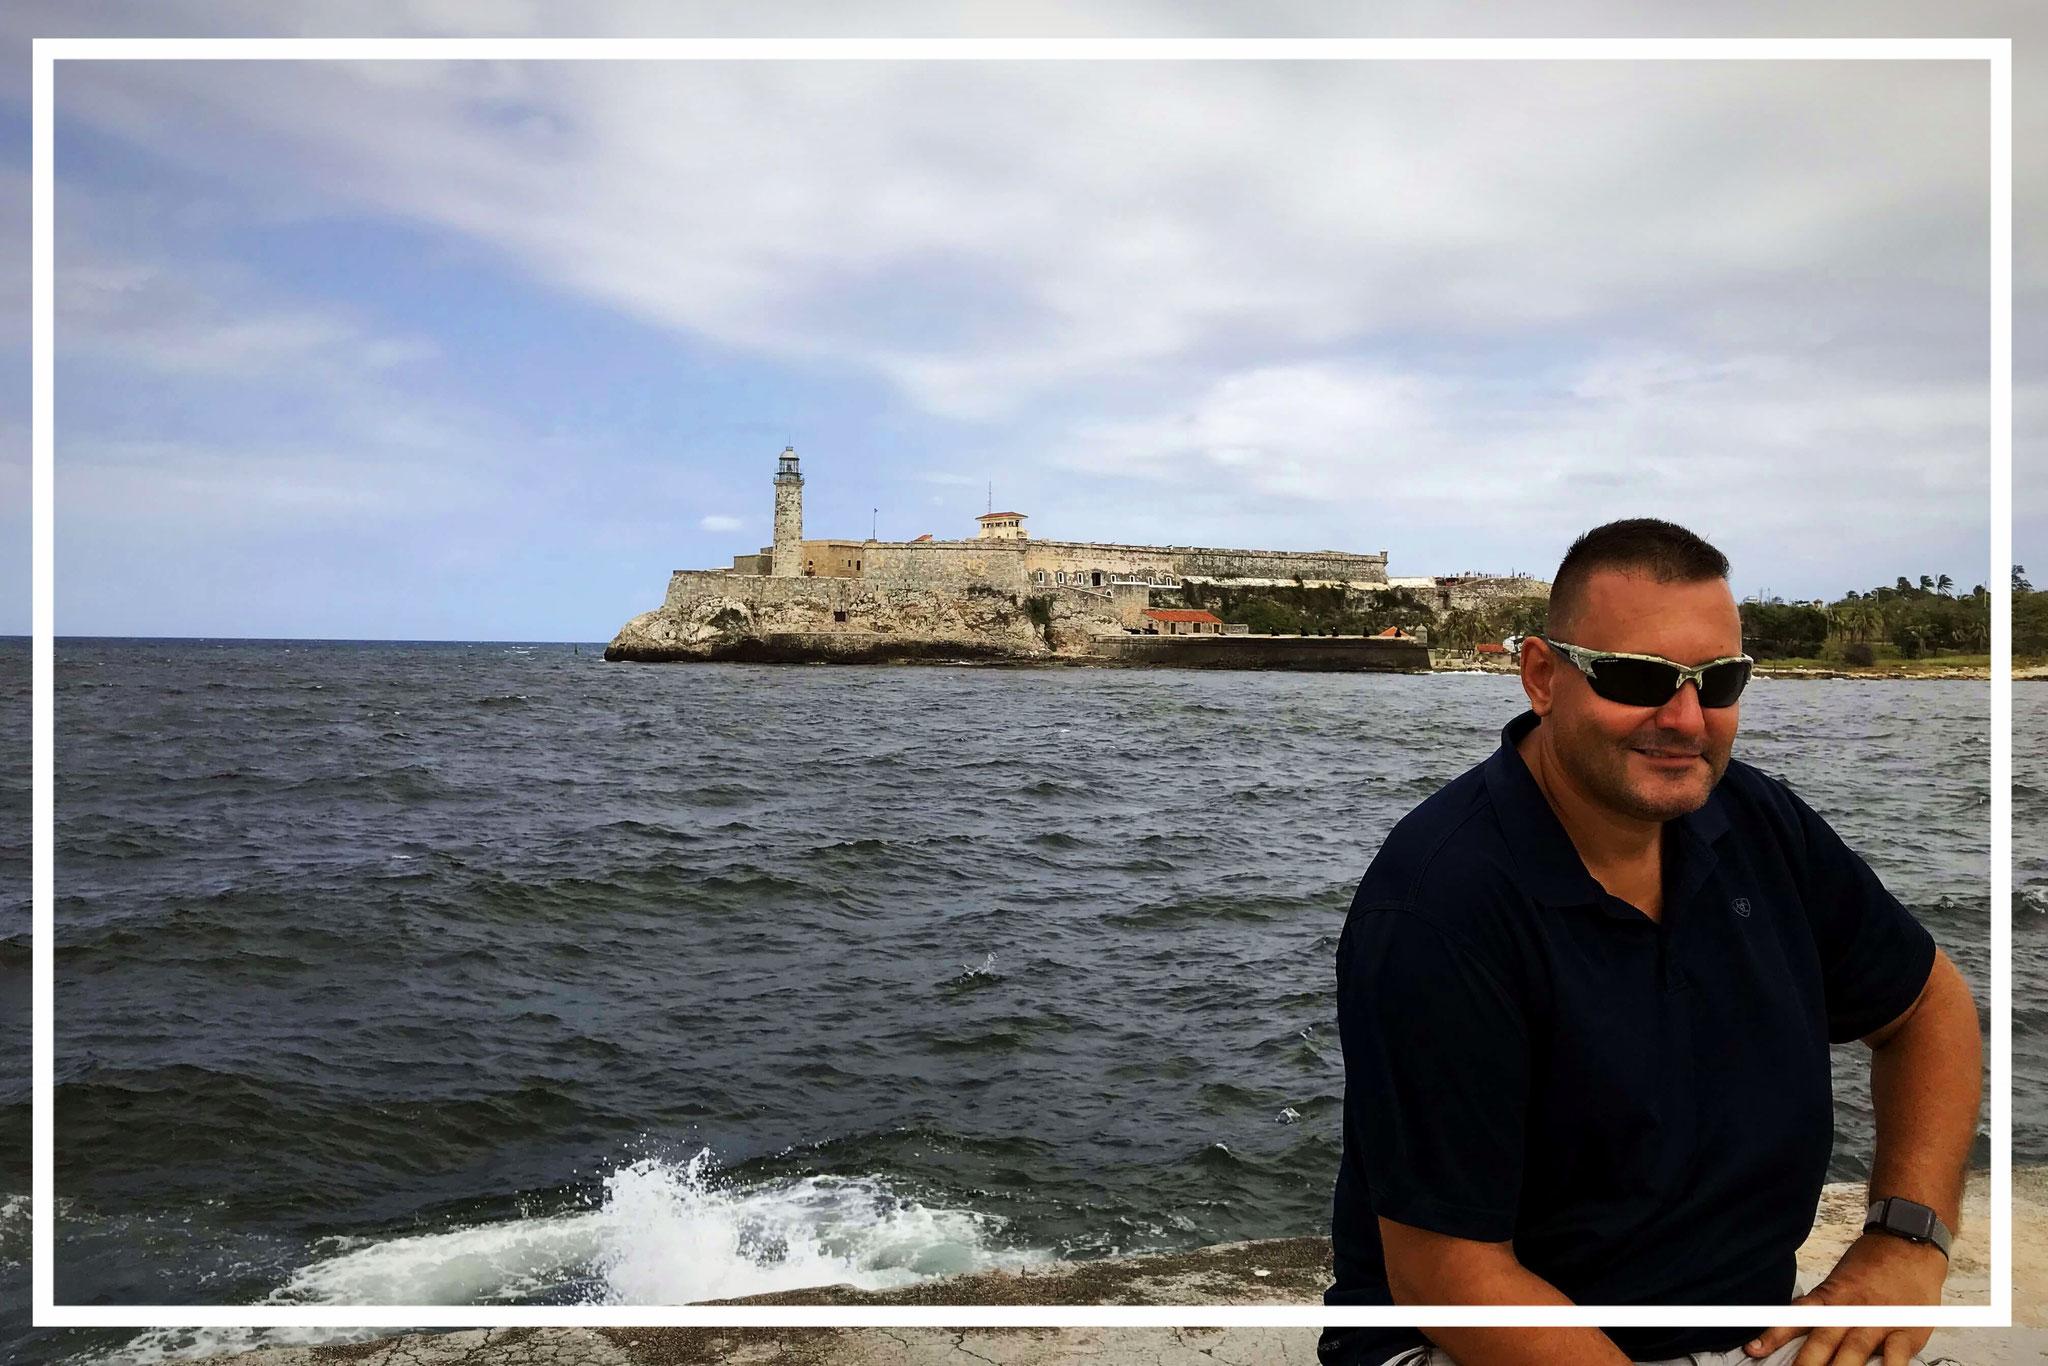 Hafeneinfahrt mit Castillo de los Tres Reyes del Morro